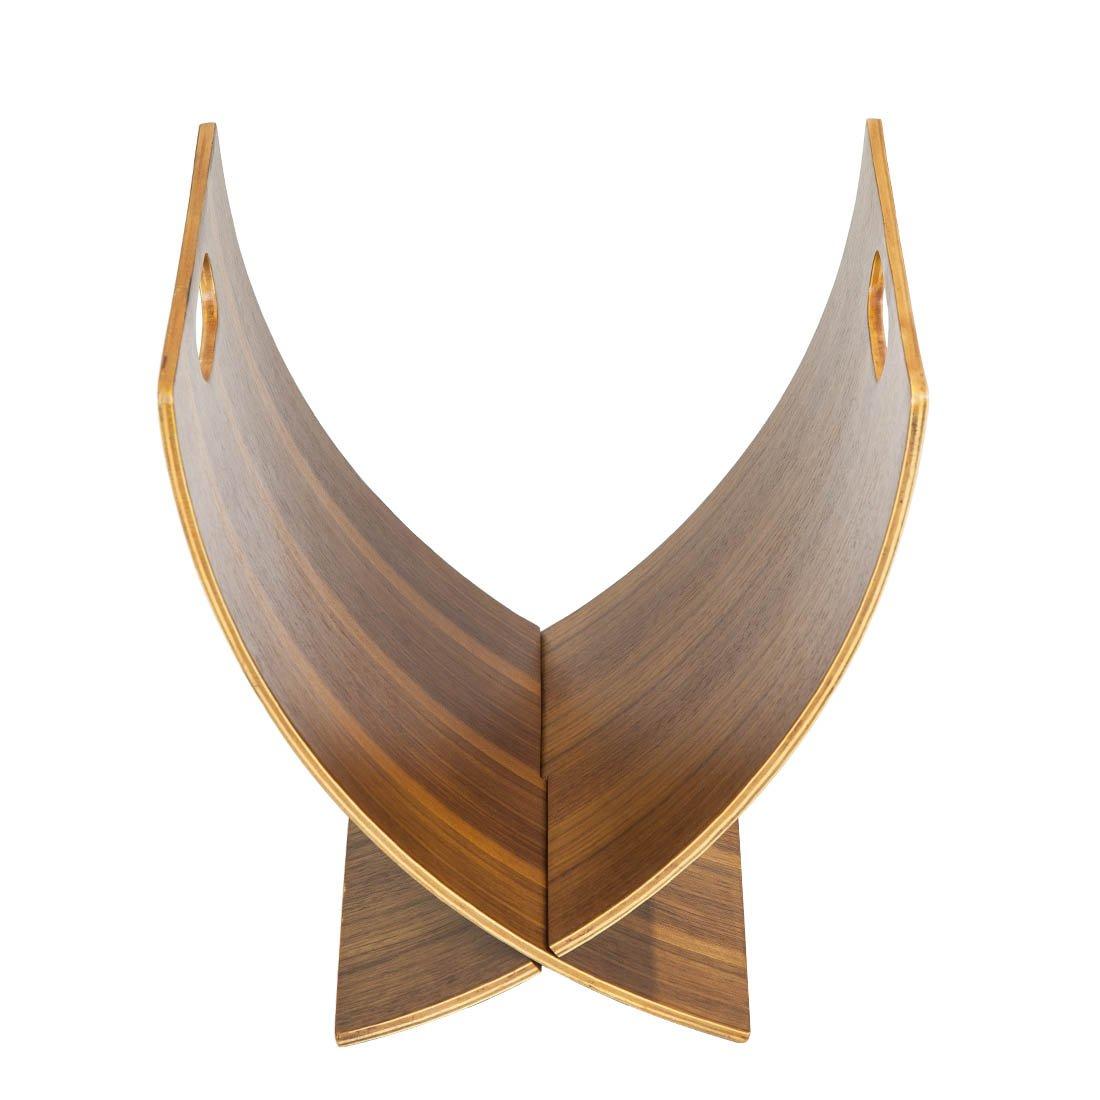 AC Design Furniture Furniture Furniture 0000001096 Rasmus-Halterung Zeitschrift Nagellack Walnuss 24 x 33 x 37 cm 2243ab